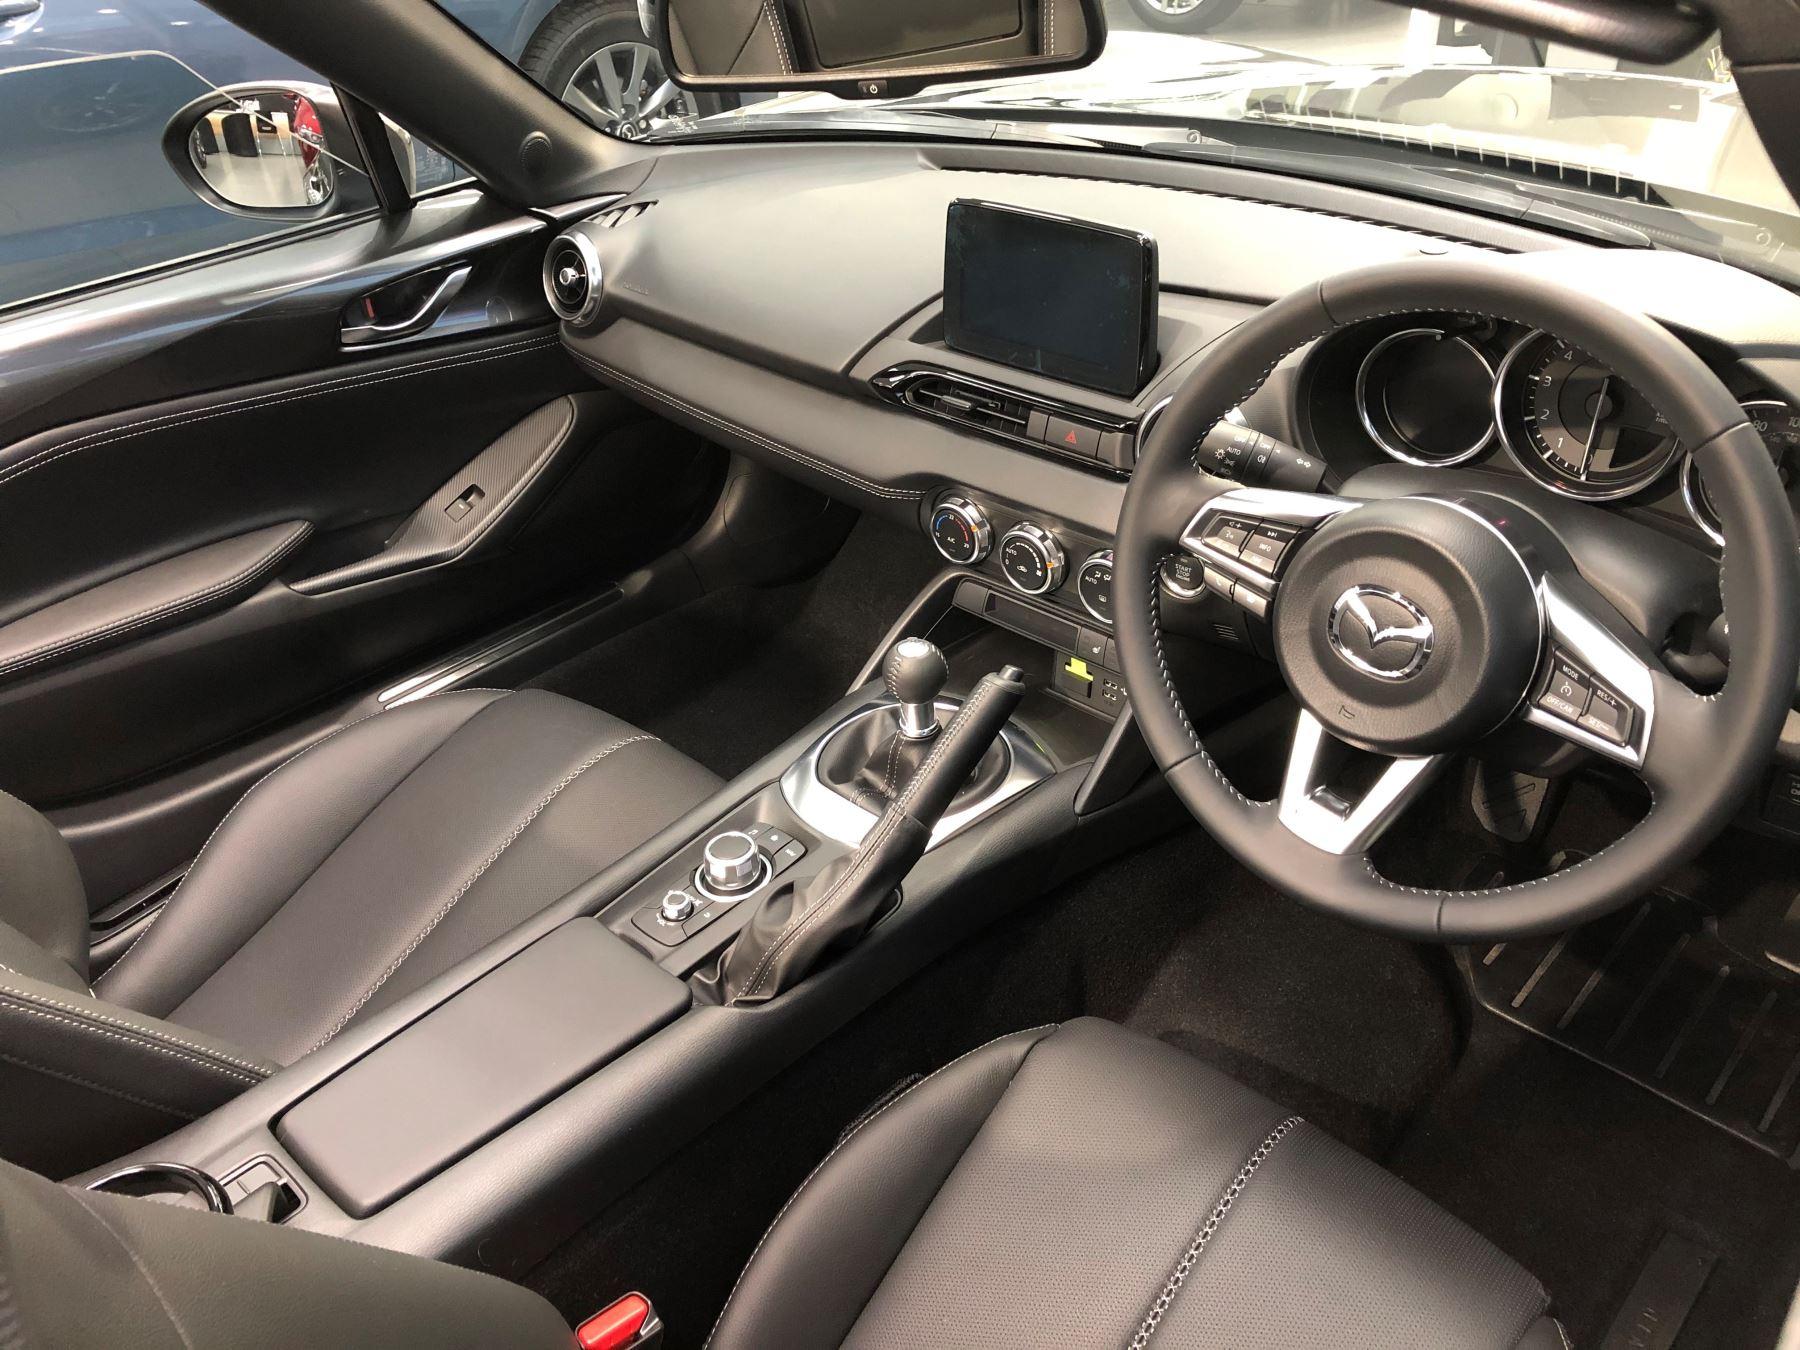 Mazda MX-5 1.5 (132) Sport image 6